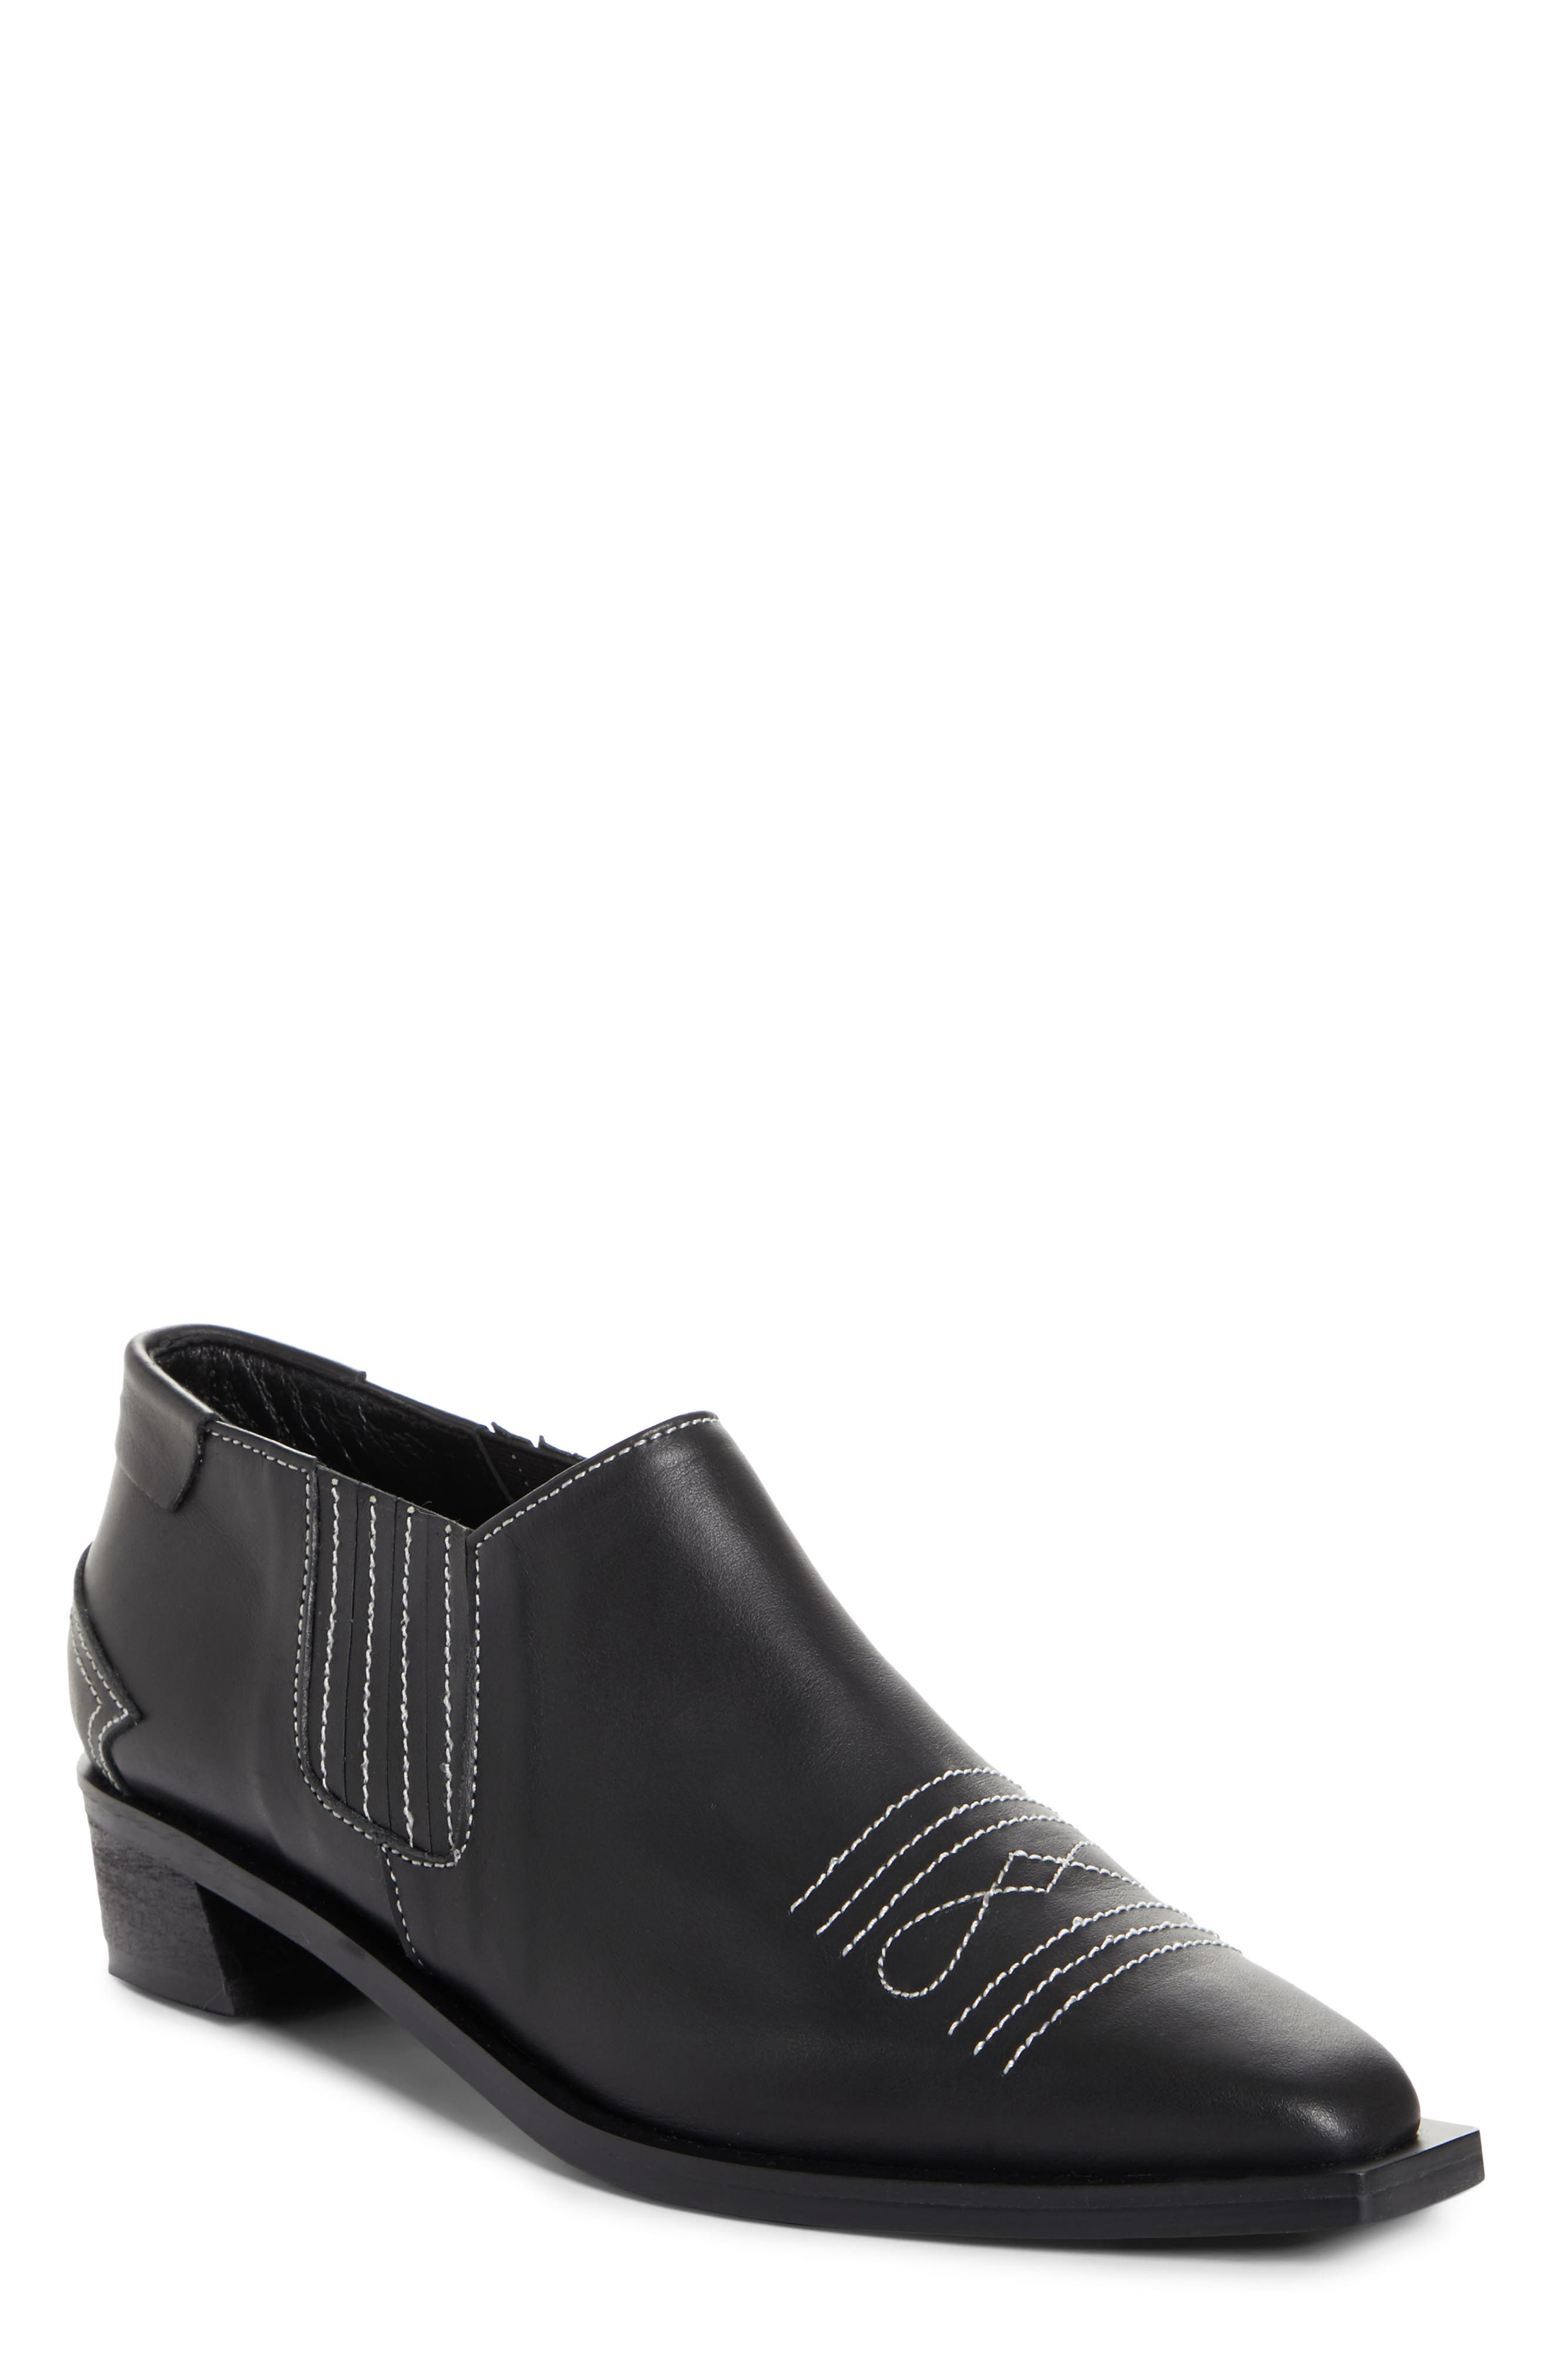 Western Loafer,                         Main,                         color, BLACK